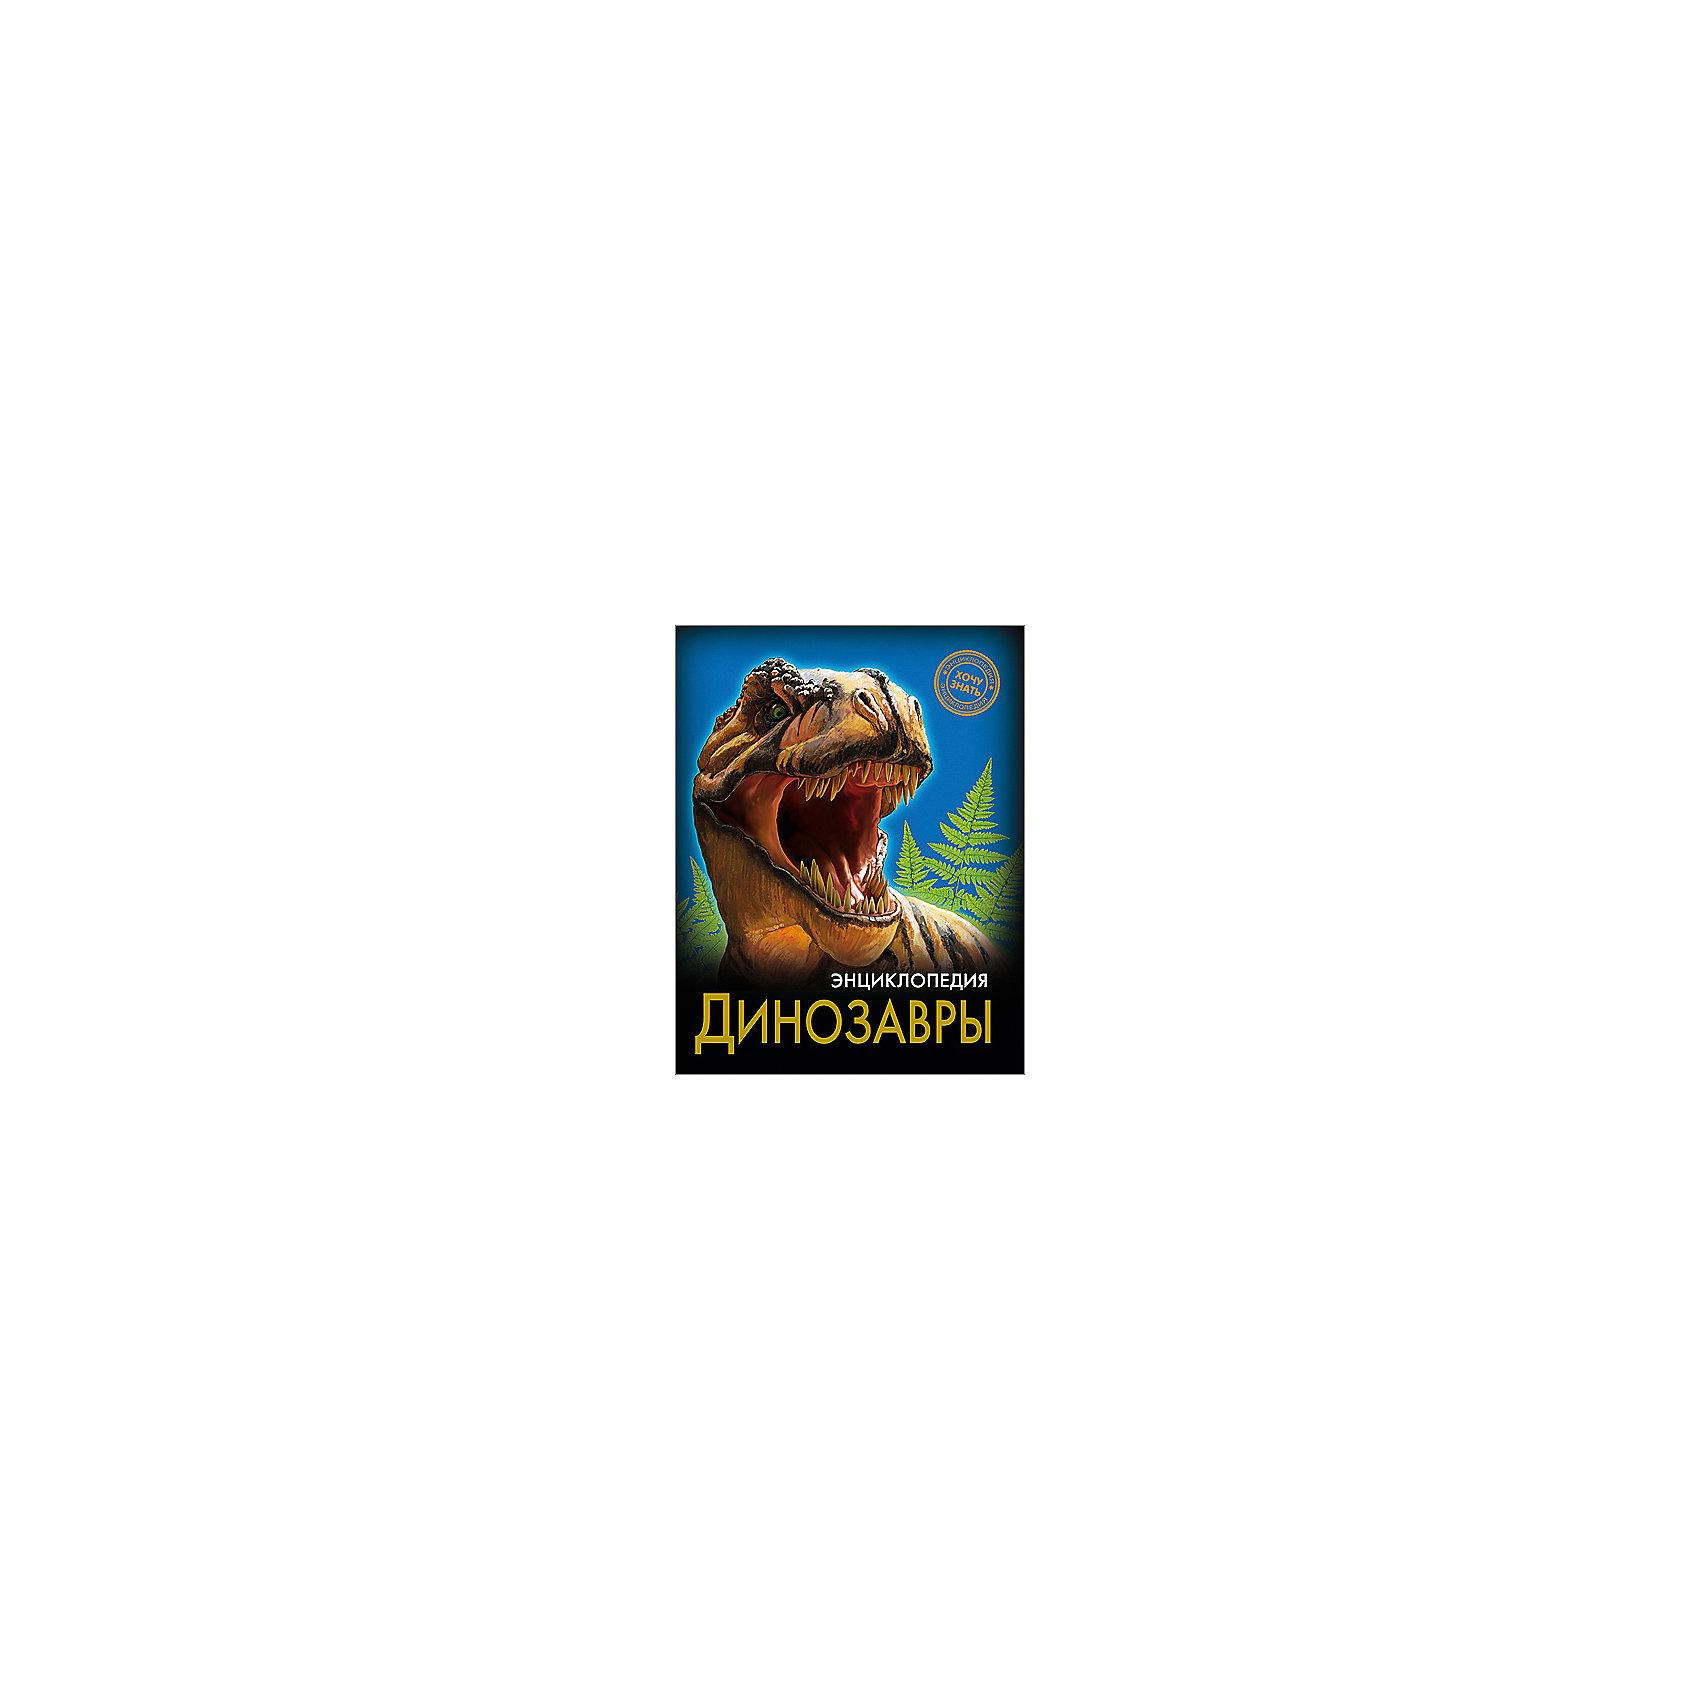 Энциклопедия ДинозаврыДетские энциклопедии<br>Эта энциклопедия познакомит ребенка с загадочными доисторическими ящерами - динозаврами! В этом издании вы найдете множество интересных и увлекательных тем и фактов, изложенных простым, понятным для детей языком, дополненных яркими иллюстрациями. Энциклопедия в твердой красочной обложке станет прекрасным подарком на любой праздник и обязательно заинтересует ребенка, поможет расширить кругозор и увеличить словарный запас. <br><br>Дополнительная информация:<br><br>- Автор: Астапенко Ирина.<br>- Художник: Смирнов Дмитрий.<br>- Формат: 21,6х17 см.<br>- Переплет: твердый, 7БЦ.<br>- Количество страниц: 96.<br>- Иллюстрации: цветные.<br>- Содержание: Введение. Общая характеристика динозавров. Динозавры триасового периода Динозавры юрского периода. Динозавры мелового периода. Заключение.<br><br>Энциклопедию Динозавры можно купить в нашем магазине.<br><br>Ширина мм: 170<br>Глубина мм: 5<br>Высота мм: 215<br>Вес г: 310<br>Возраст от месяцев: 72<br>Возраст до месяцев: 2147483647<br>Пол: Унисекс<br>Возраст: Детский<br>SKU: 4756232